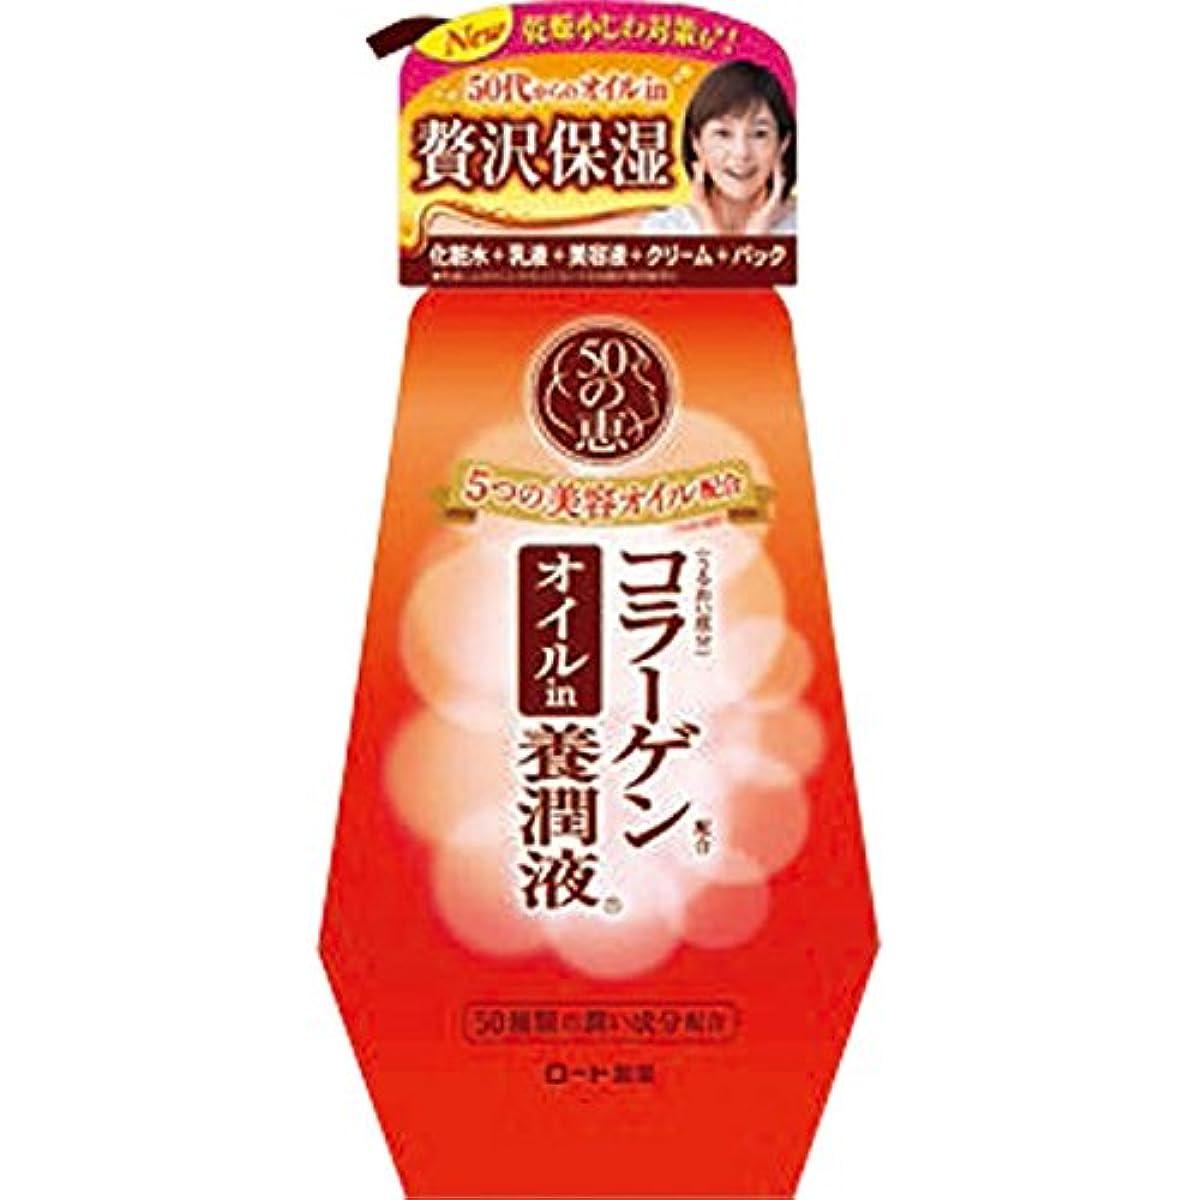 ロート製薬 50の恵エイジングケア 養潤成分50種類×5つの美容オイル配合 オイルin養潤液 オールインワン 230mL